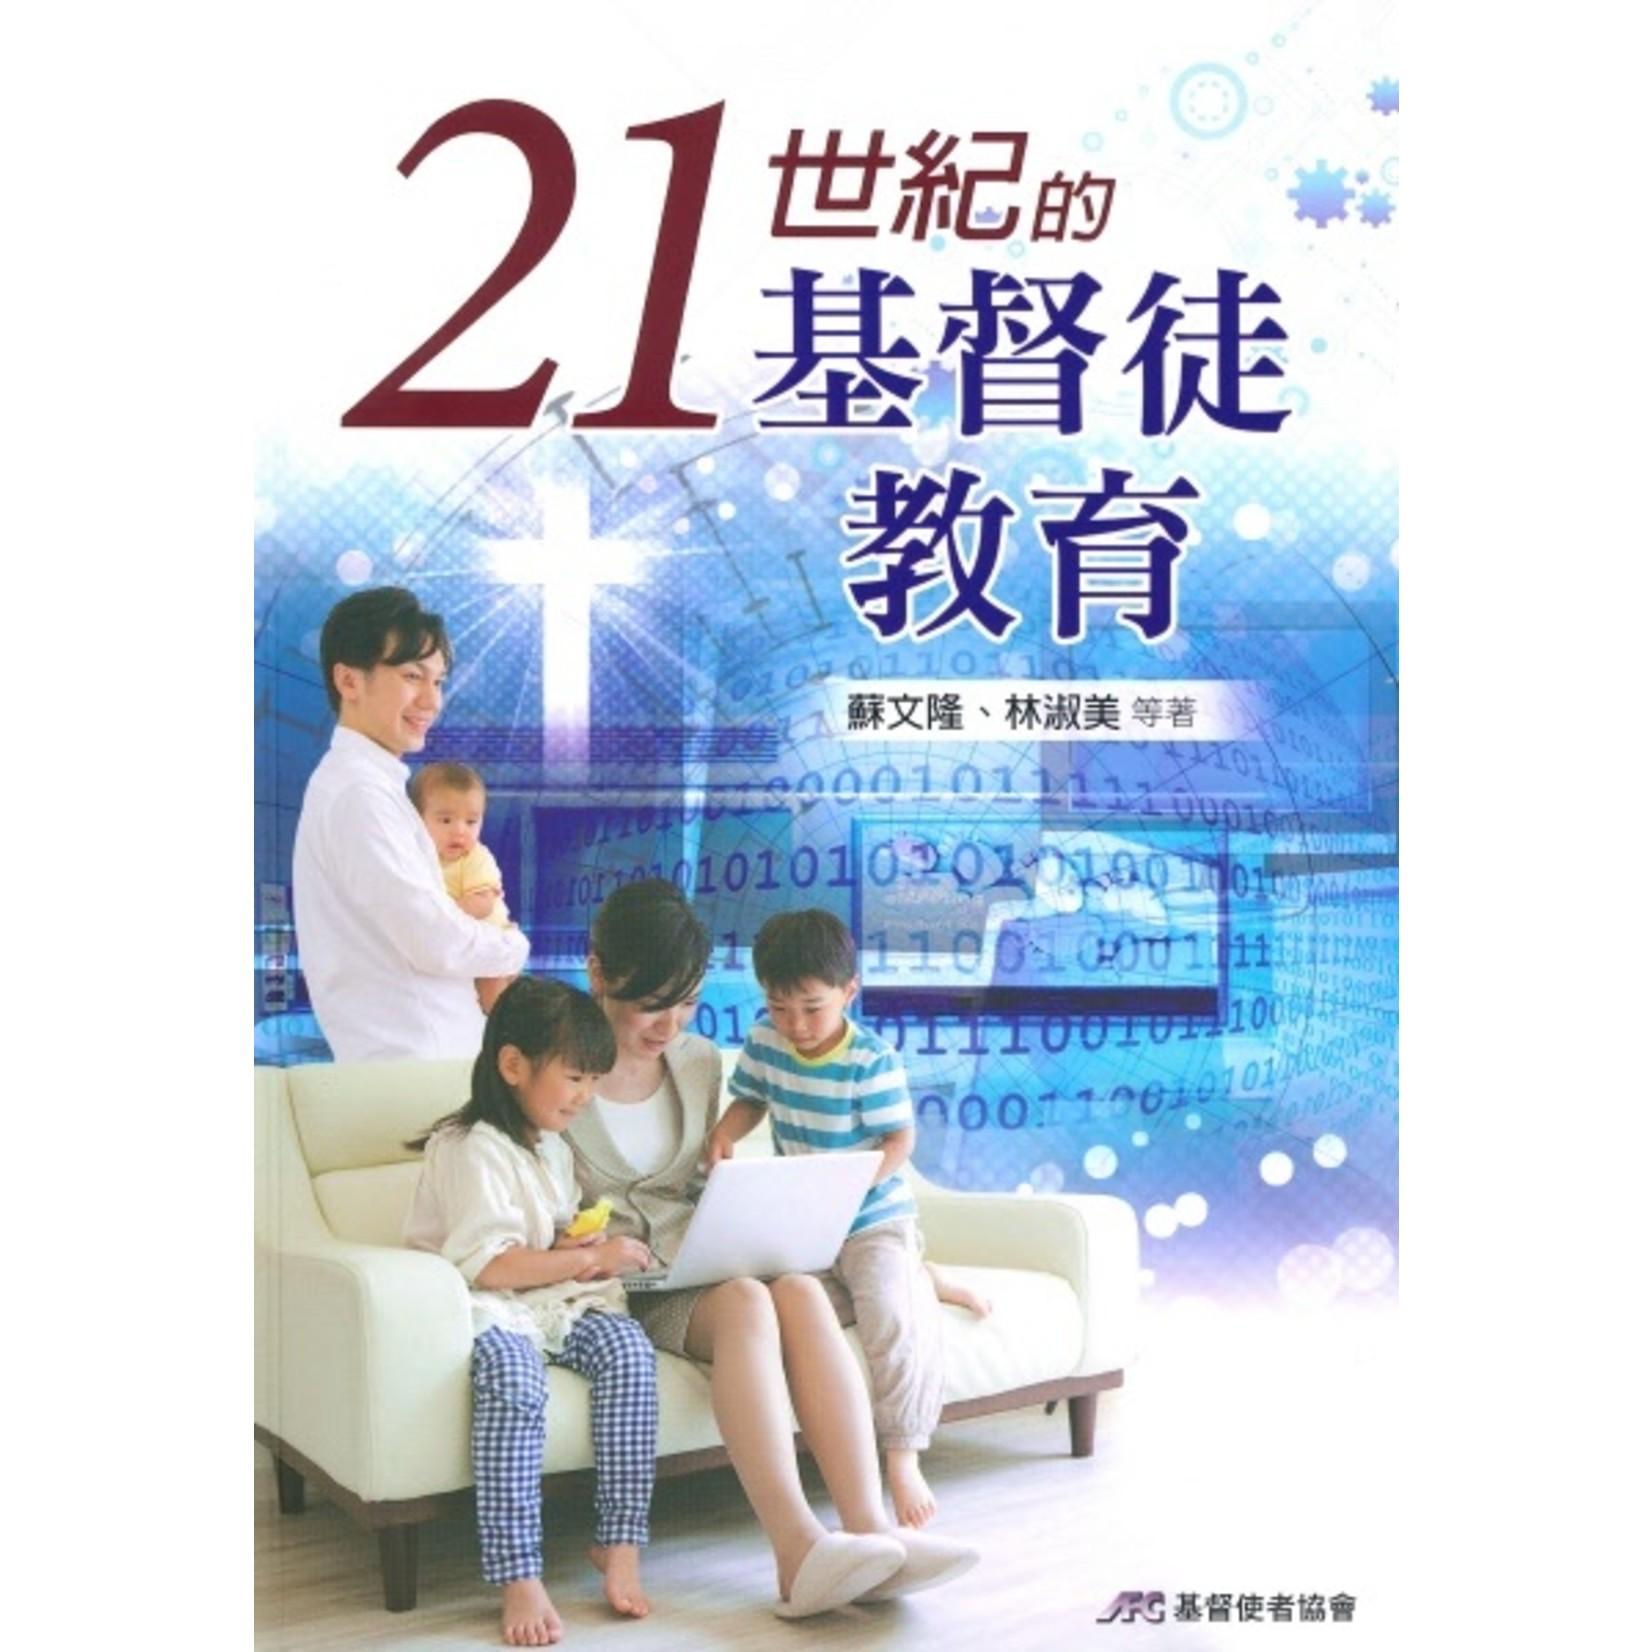 基督使者協會 Ambassadors for Christ 21世紀的基督徒教育